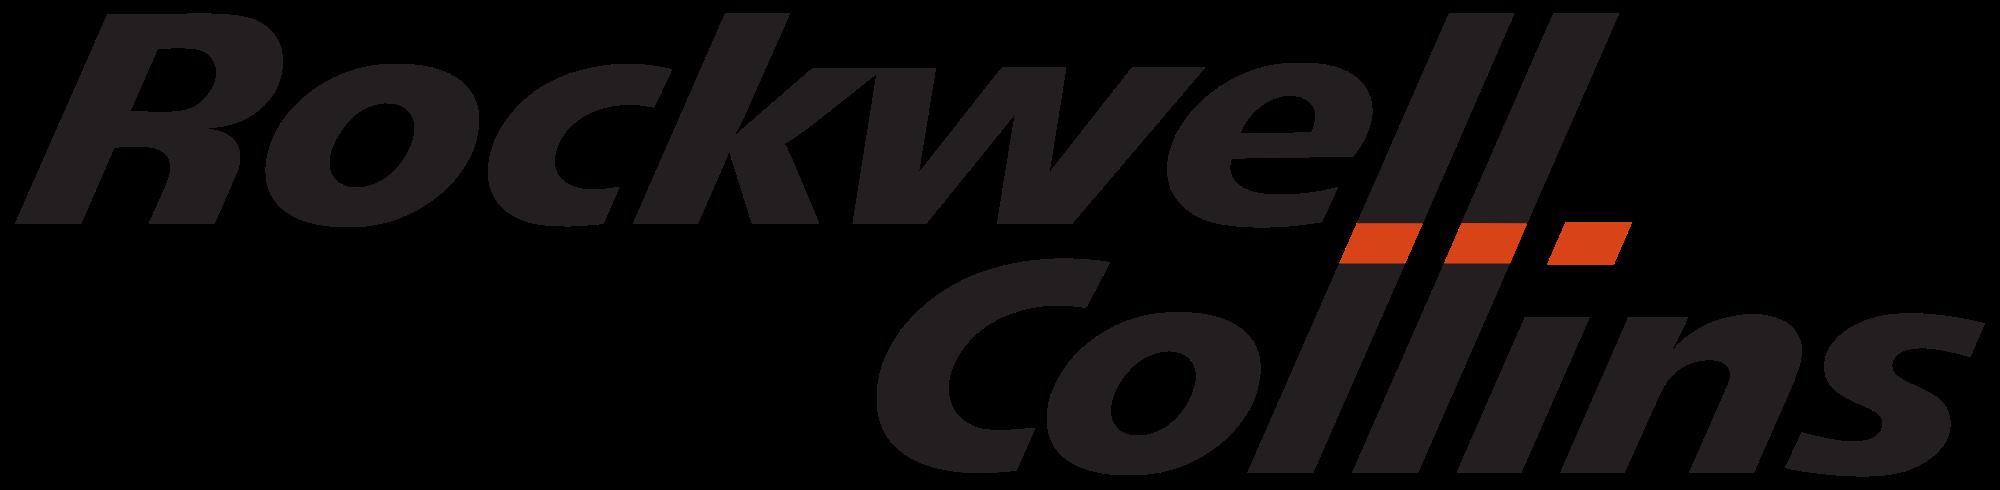 Rockwell collins forex форекс демо счет